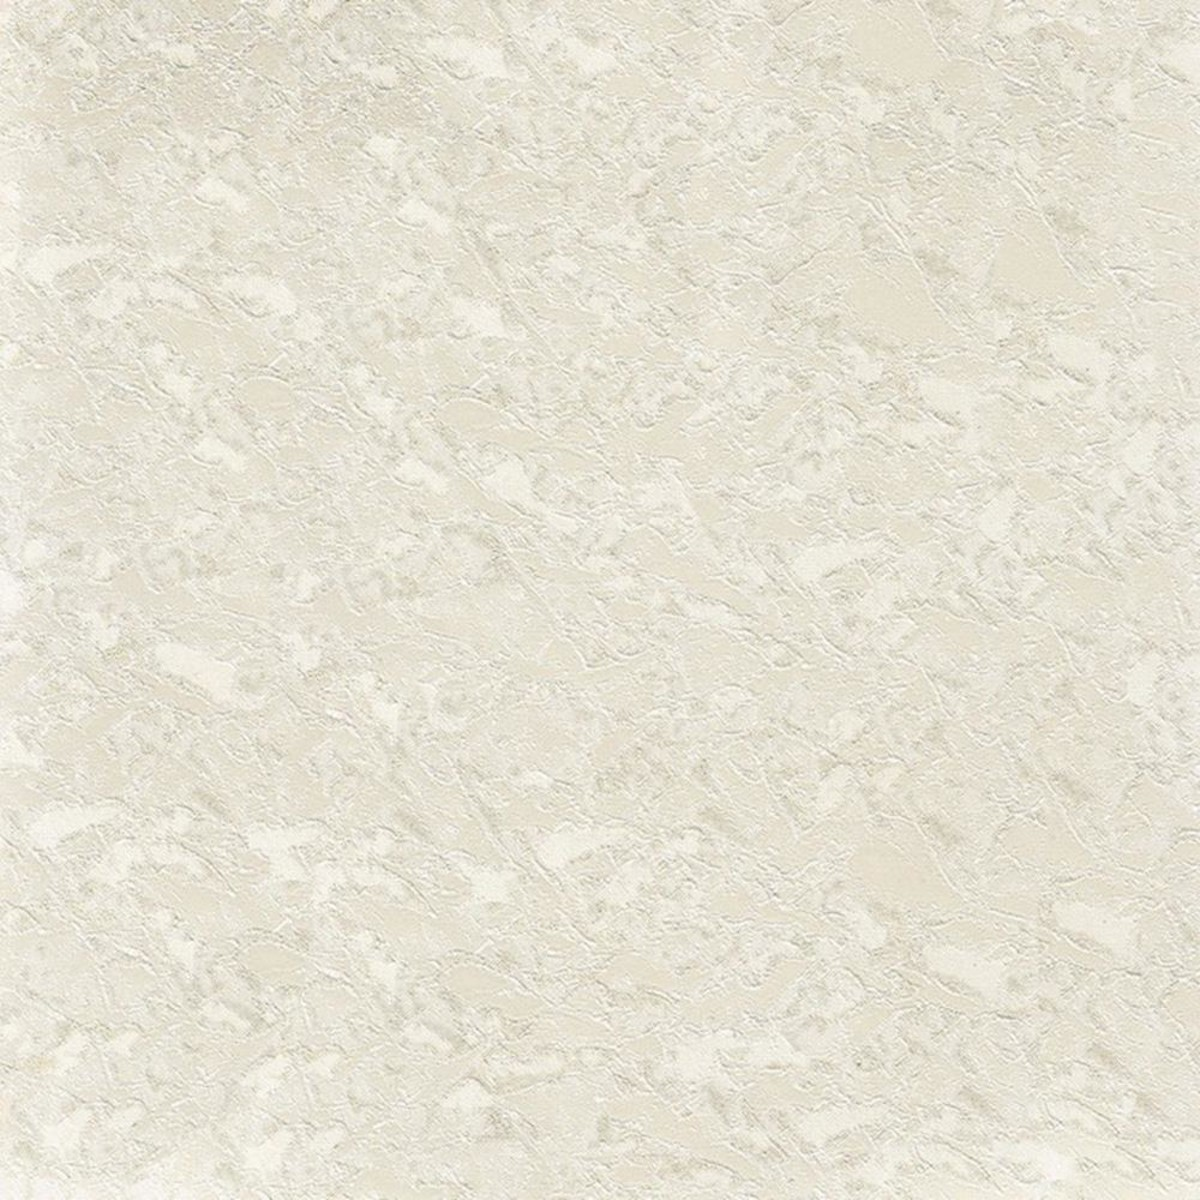 Обои флизелиновые Monte Solaro Tiara бежевые 1.06 м 9003-01